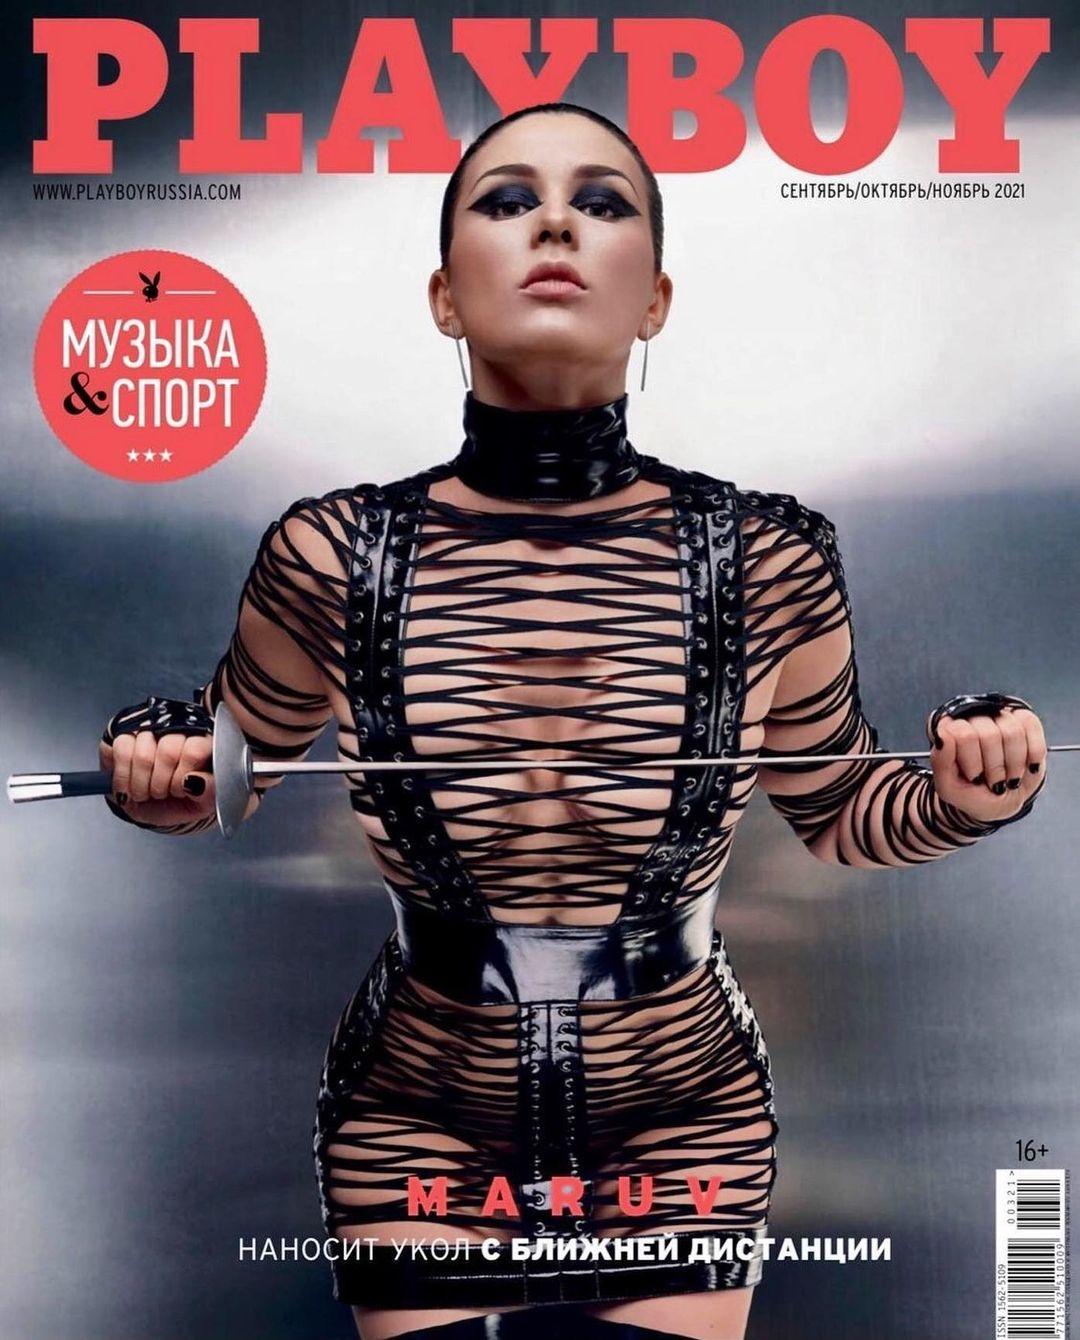 В образе фехтовальщицы: MARUV снялась для обложки российского Playboy (ФОТО) - фото №1